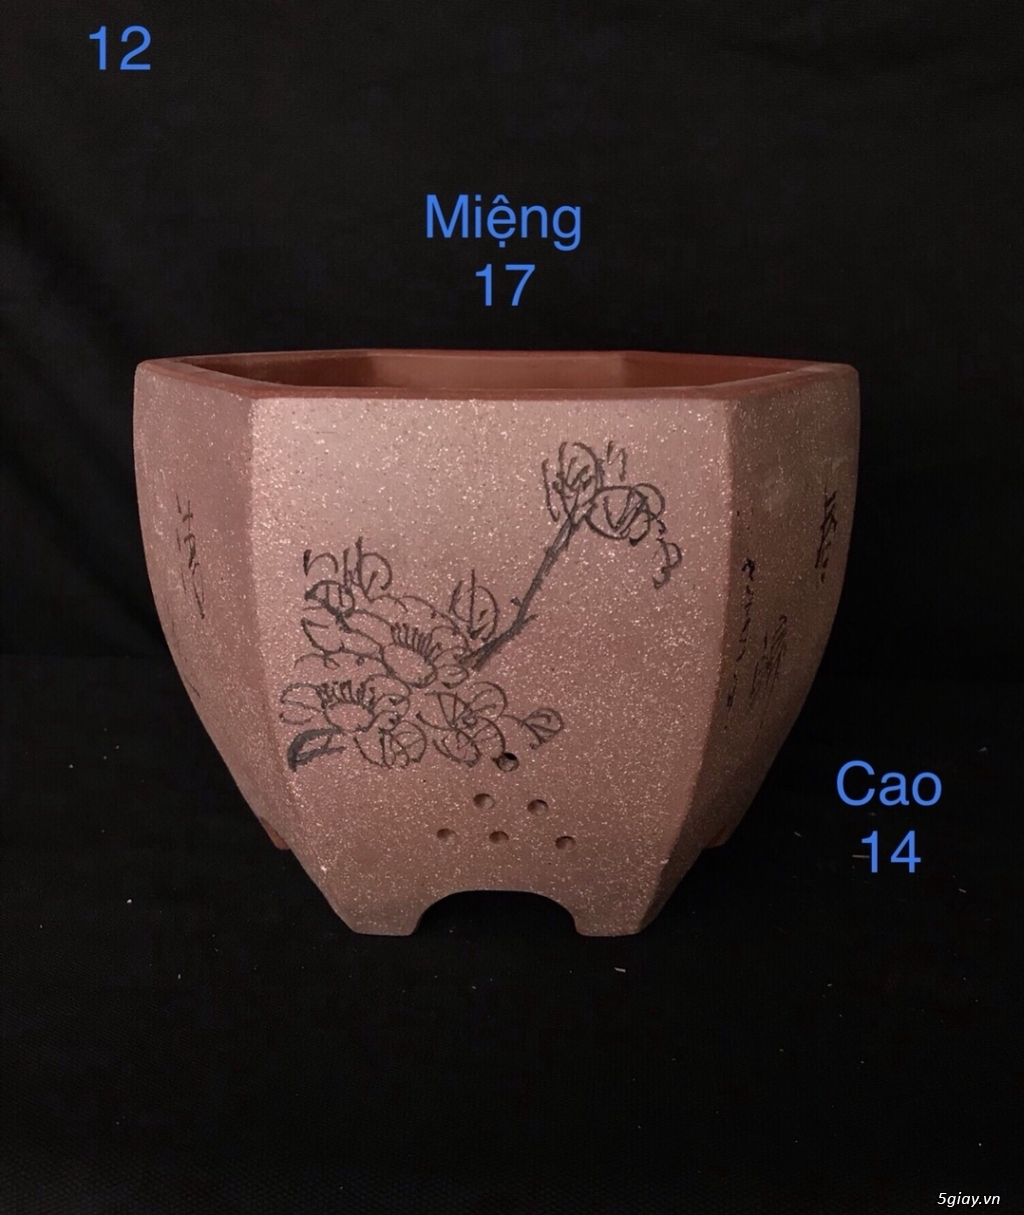 Chậu cây bonsai nhập khẩu, đẹp, có giá sỉ và lẻ cho a/e, 0962118575 - 9